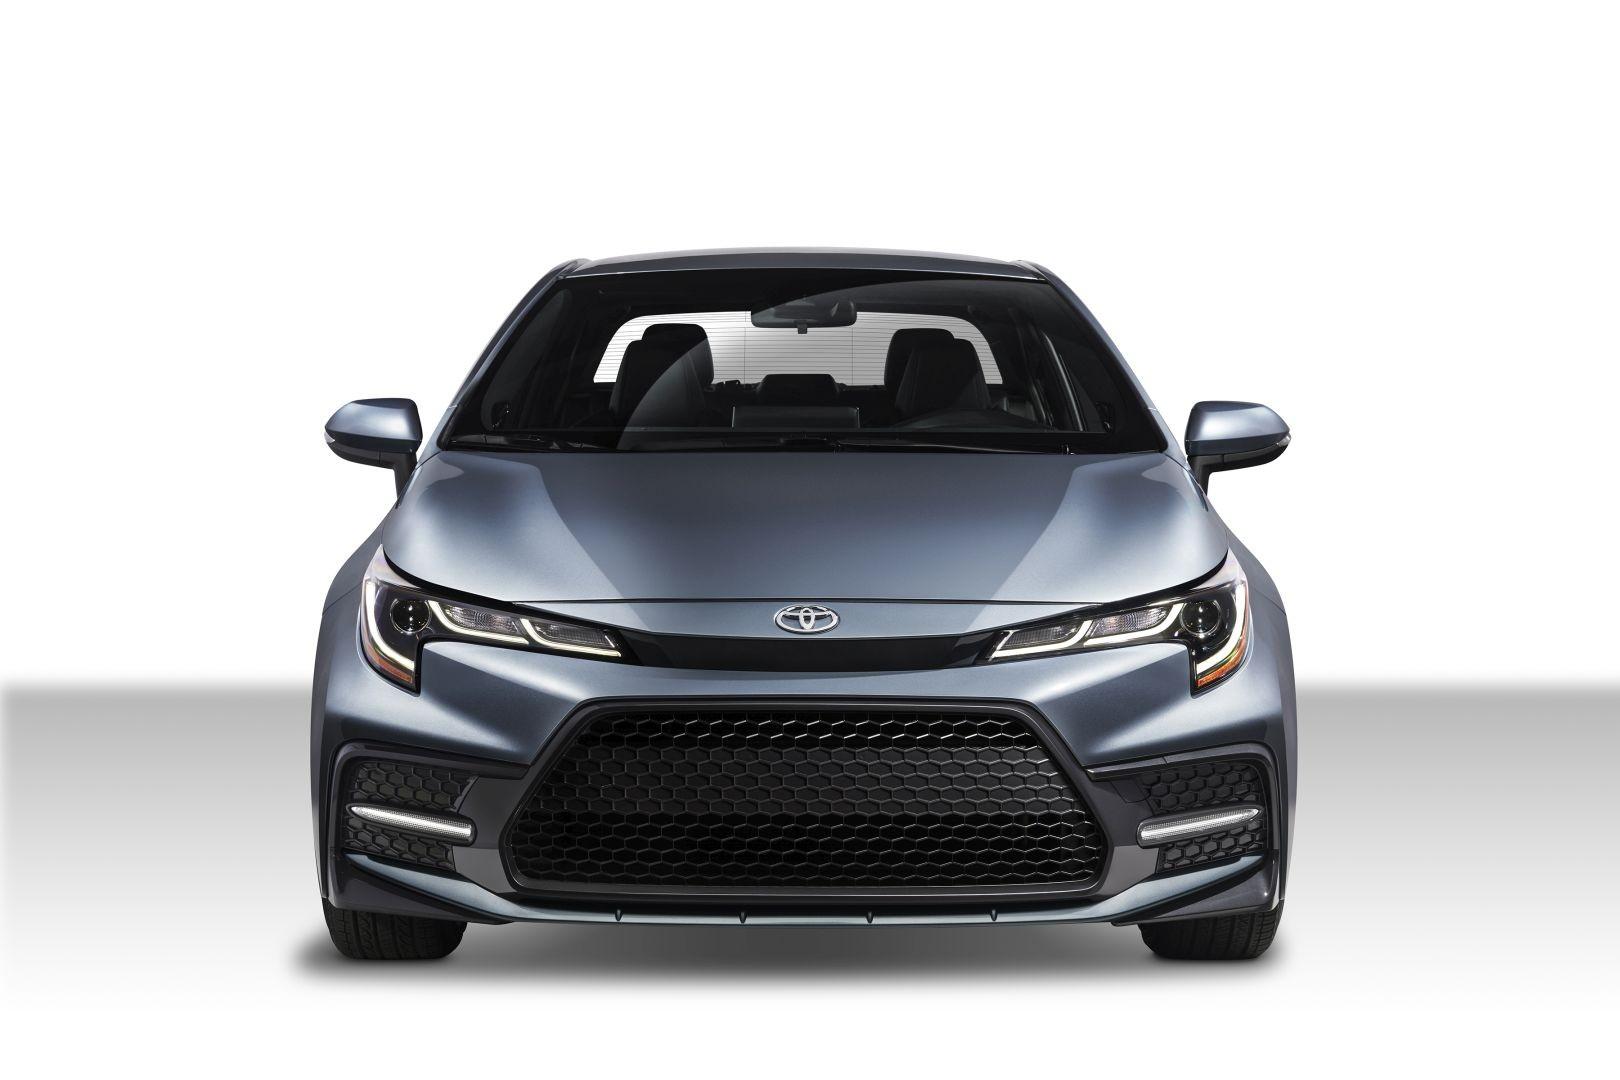 Kelebihan Kekurangan Corolla Sedan 2019 Perbandingan Harga